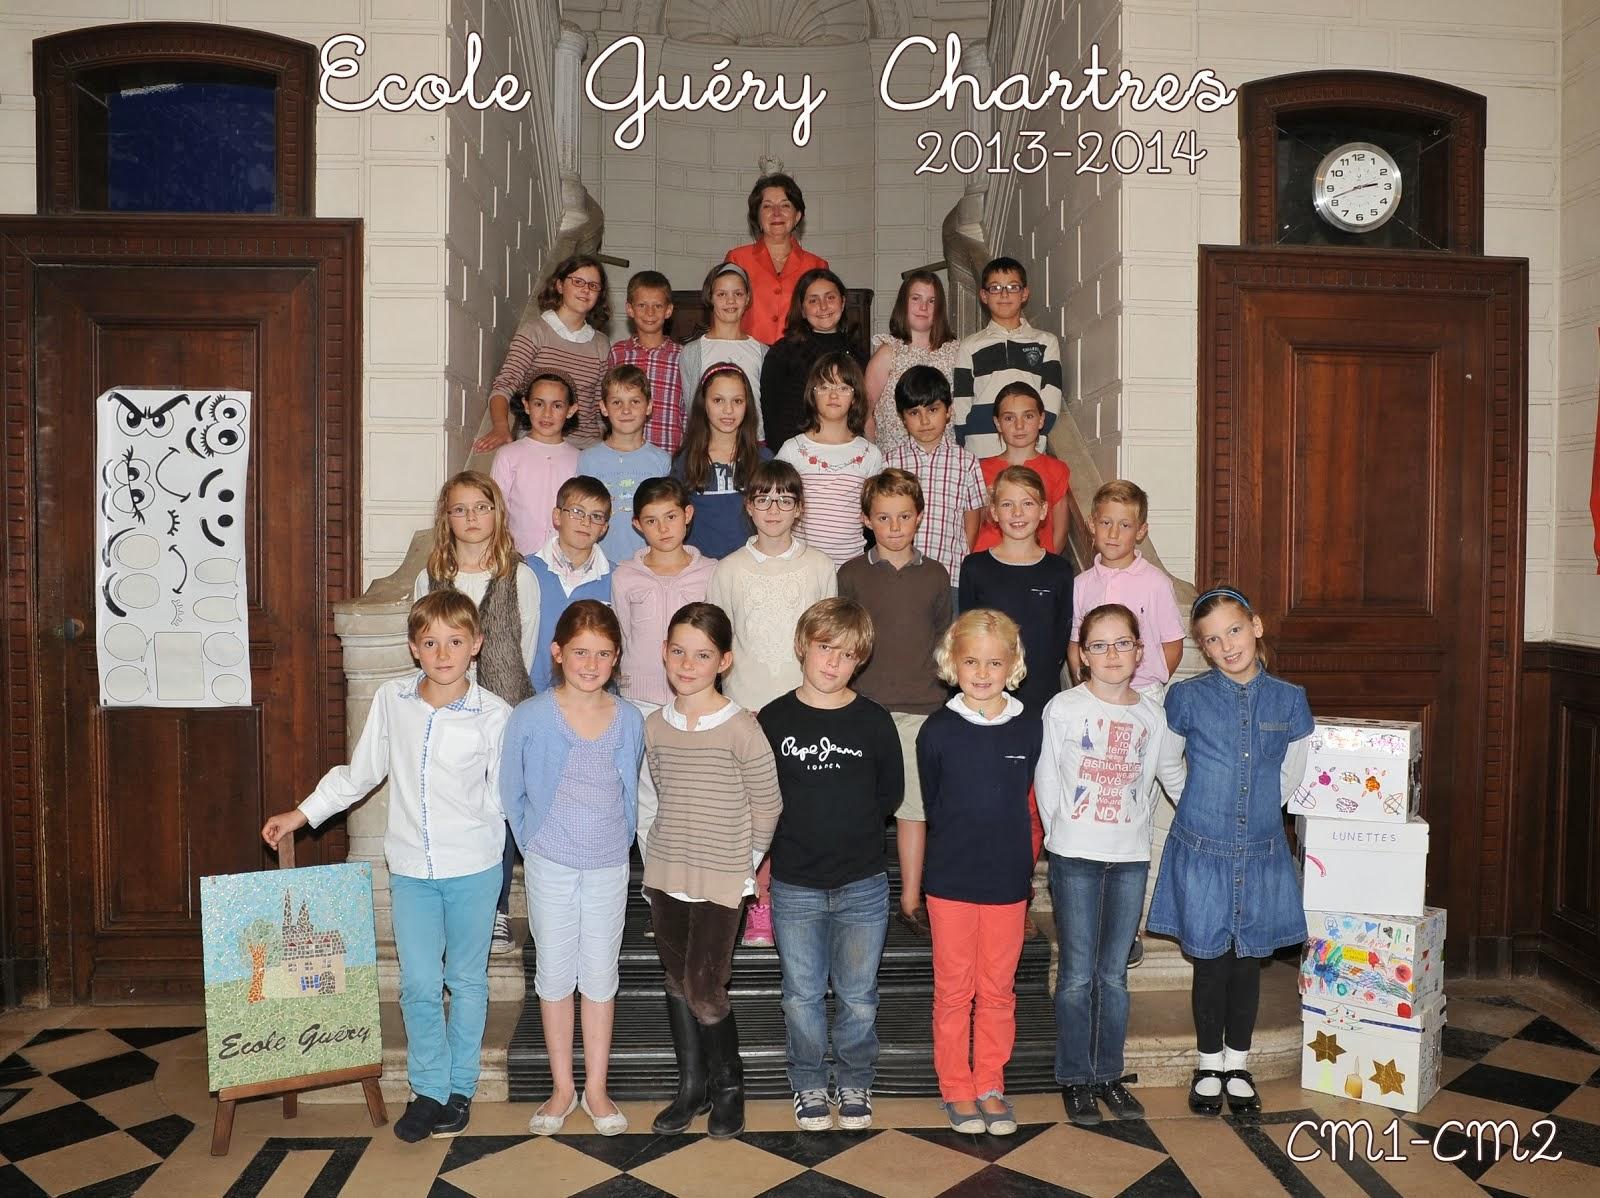 Classe des CM1-CM2, école Guéry, Chartres, année 2013/2014